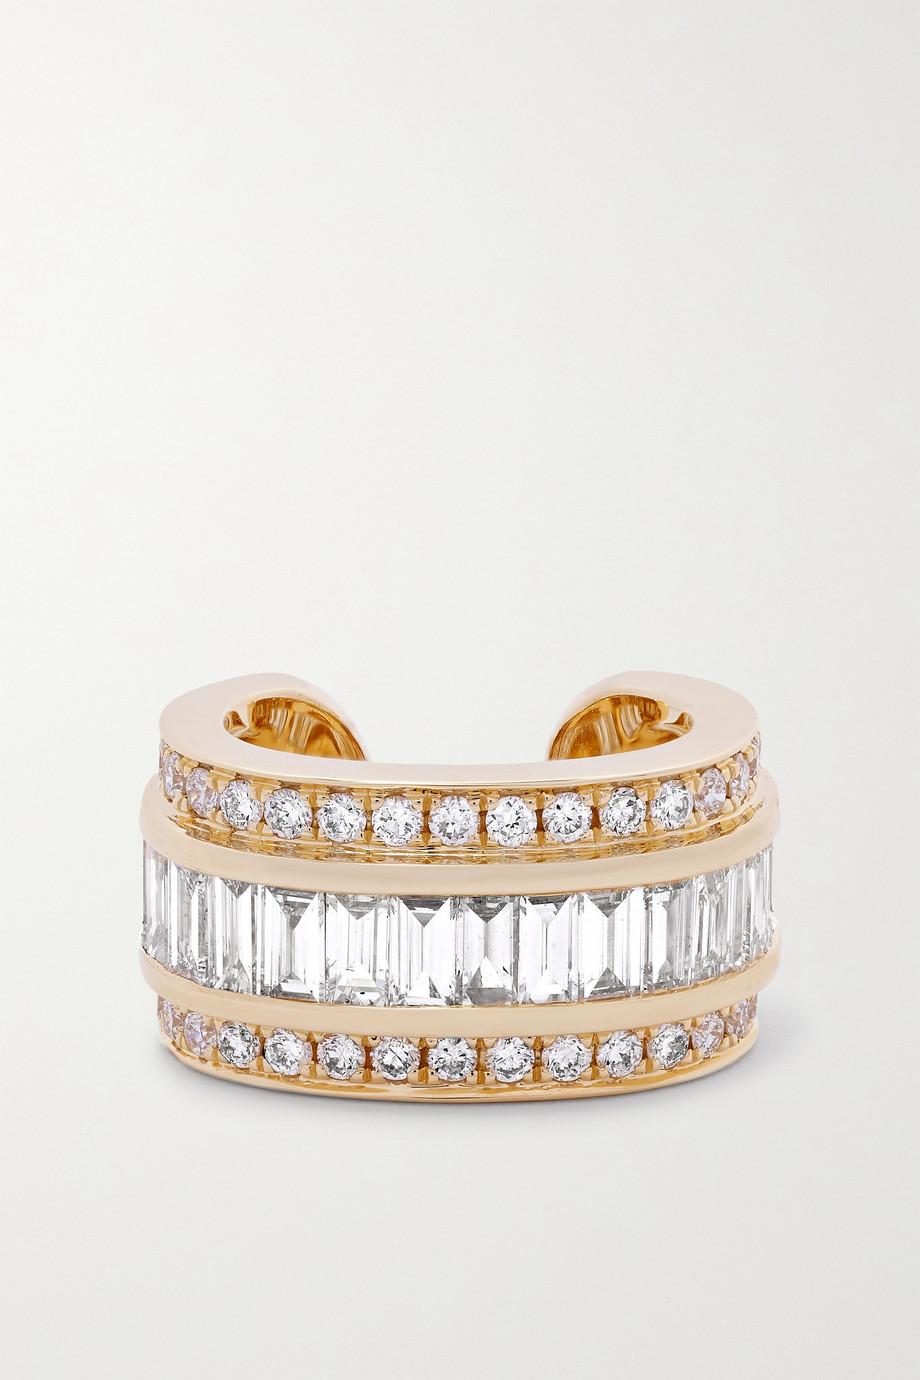 Anita Ko Einzelnes Ear Cuff aus 18 Karat Gold mit Diamanten